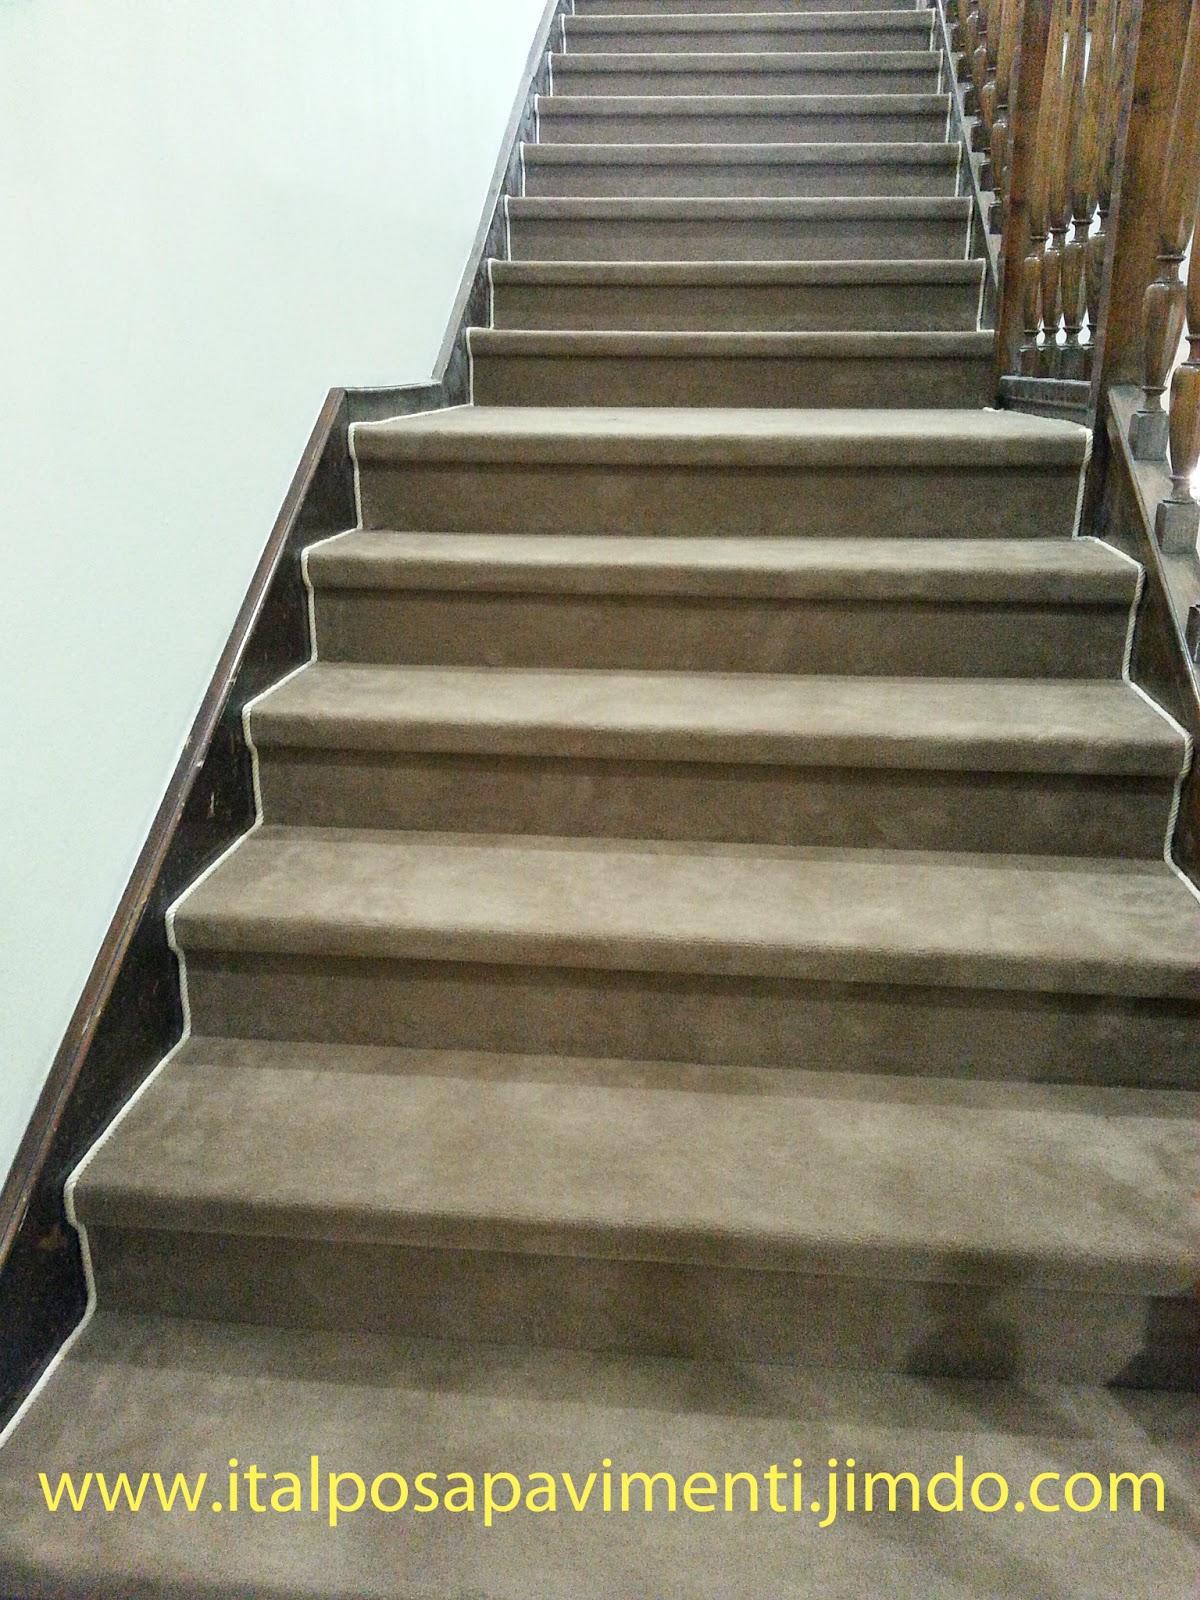 Italposa pavimenti blog rivestimento scale in moquette for Moquette per scale interne